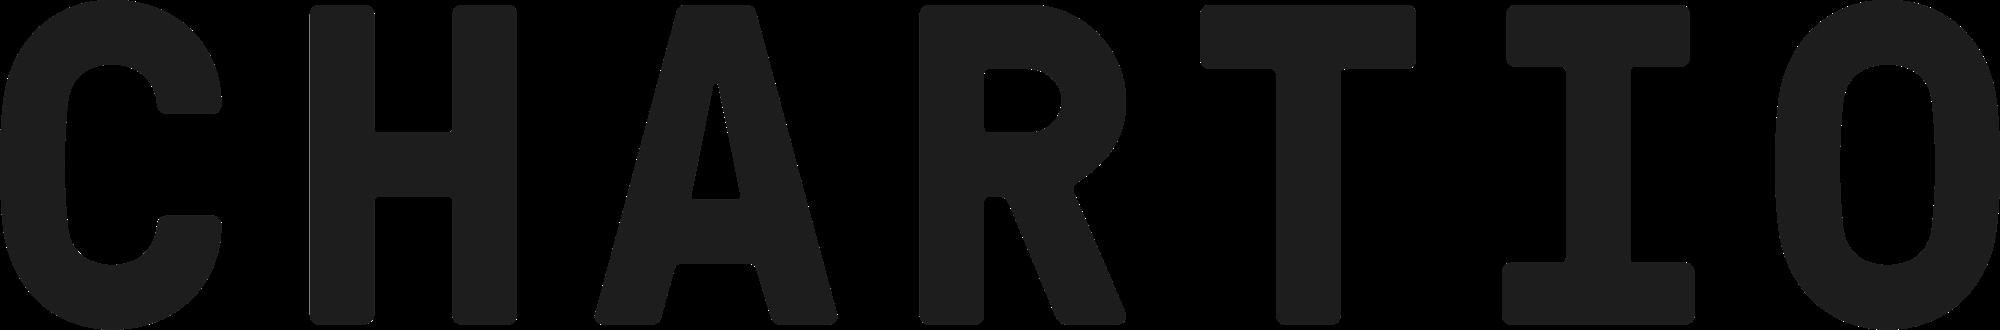 Official Chartio Logo